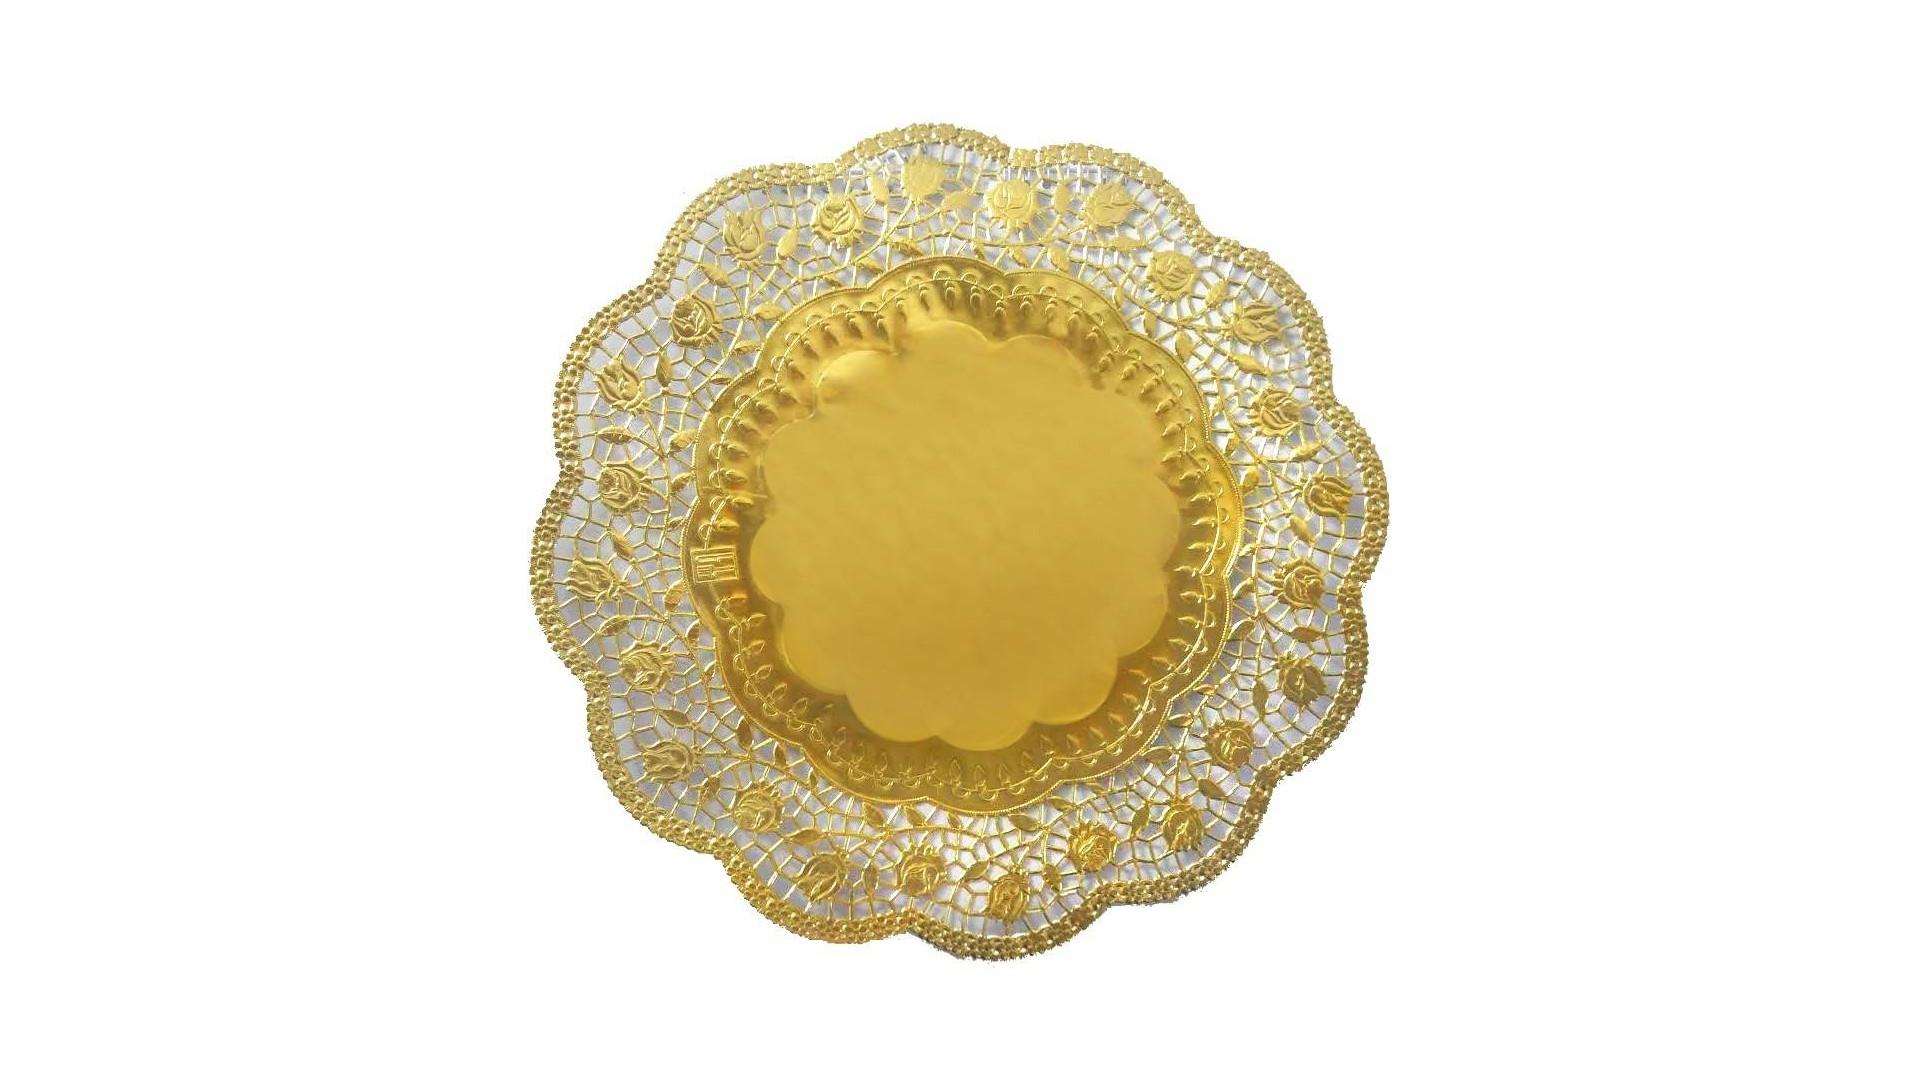 Serwetki Pod Tort Talerz Złote 36 Cm 1 Szt